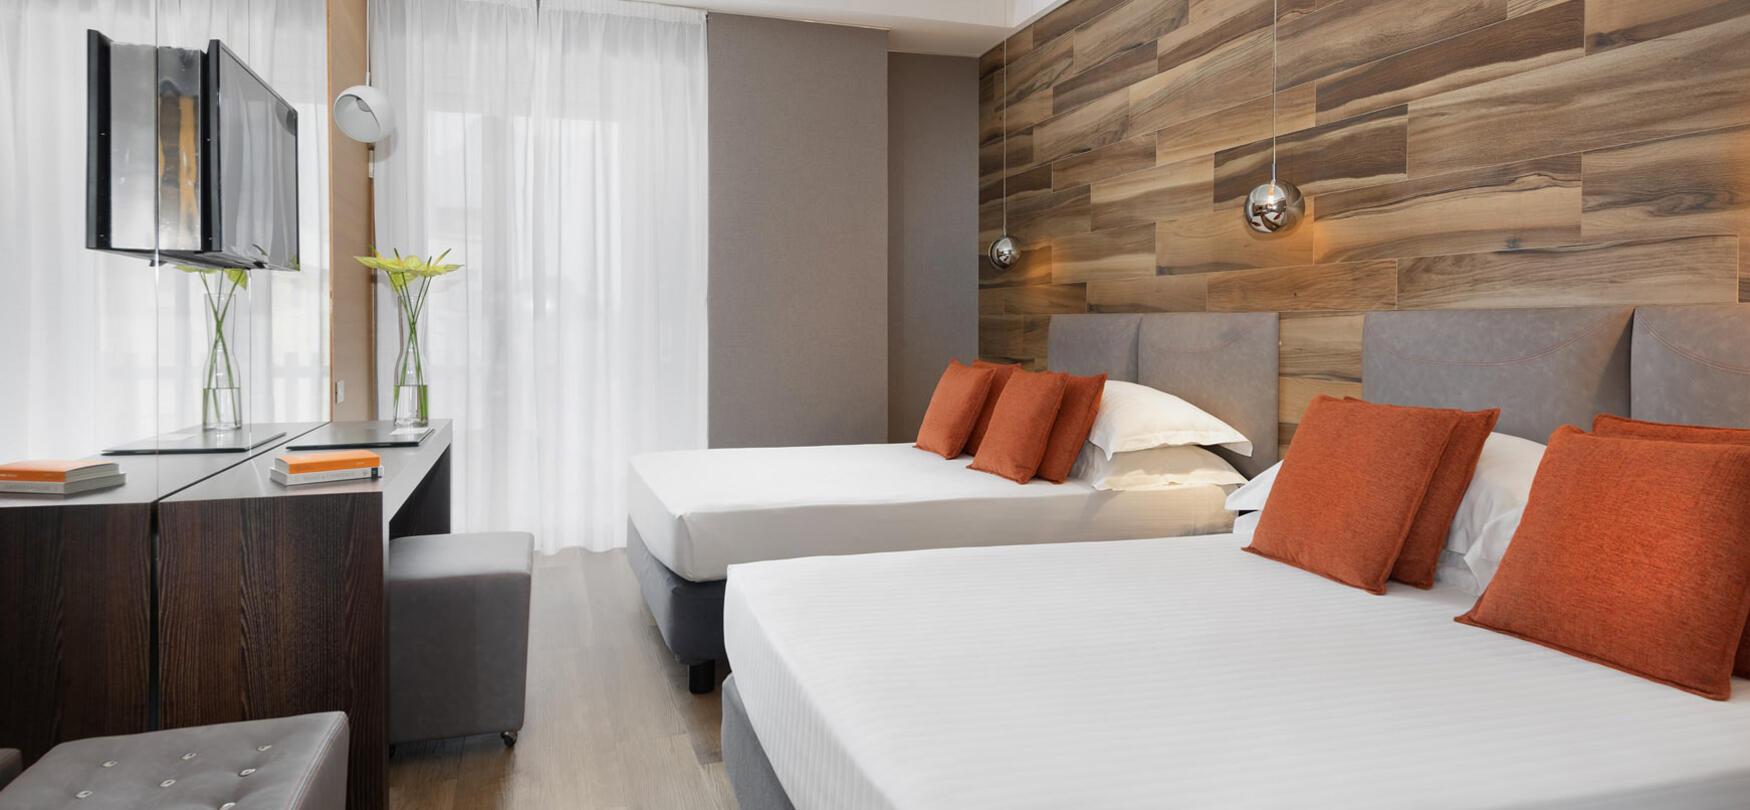 ambienthotels en rooms-hotel-peru 004